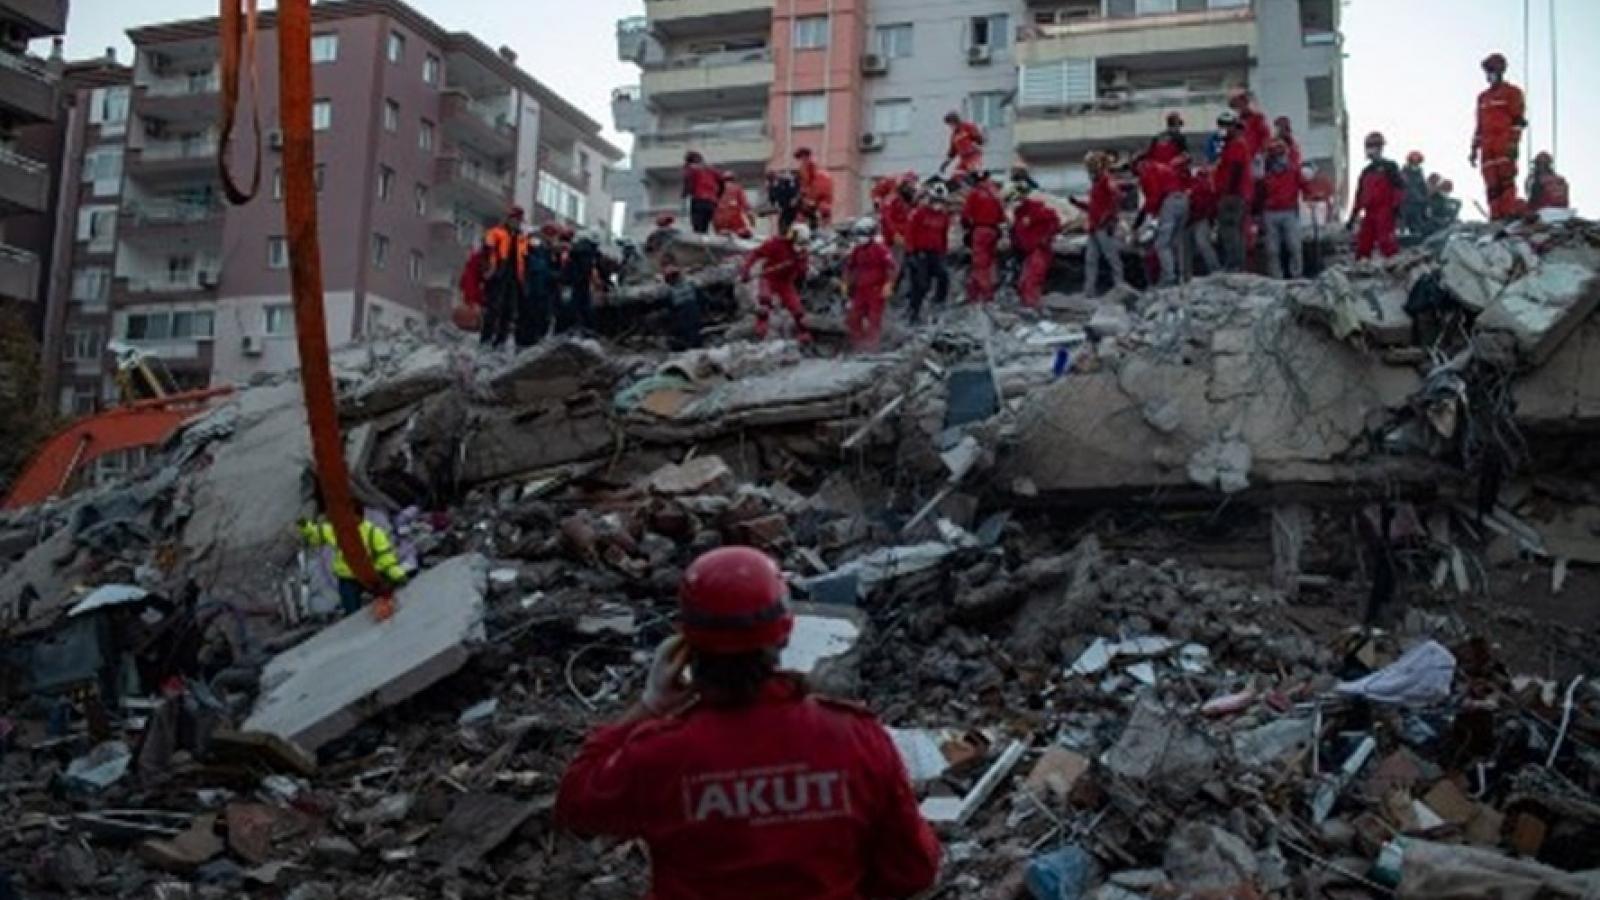 Số người thiệt mạng trong trận động đất tại Thổ Nhĩ Kỳ lên đến 62